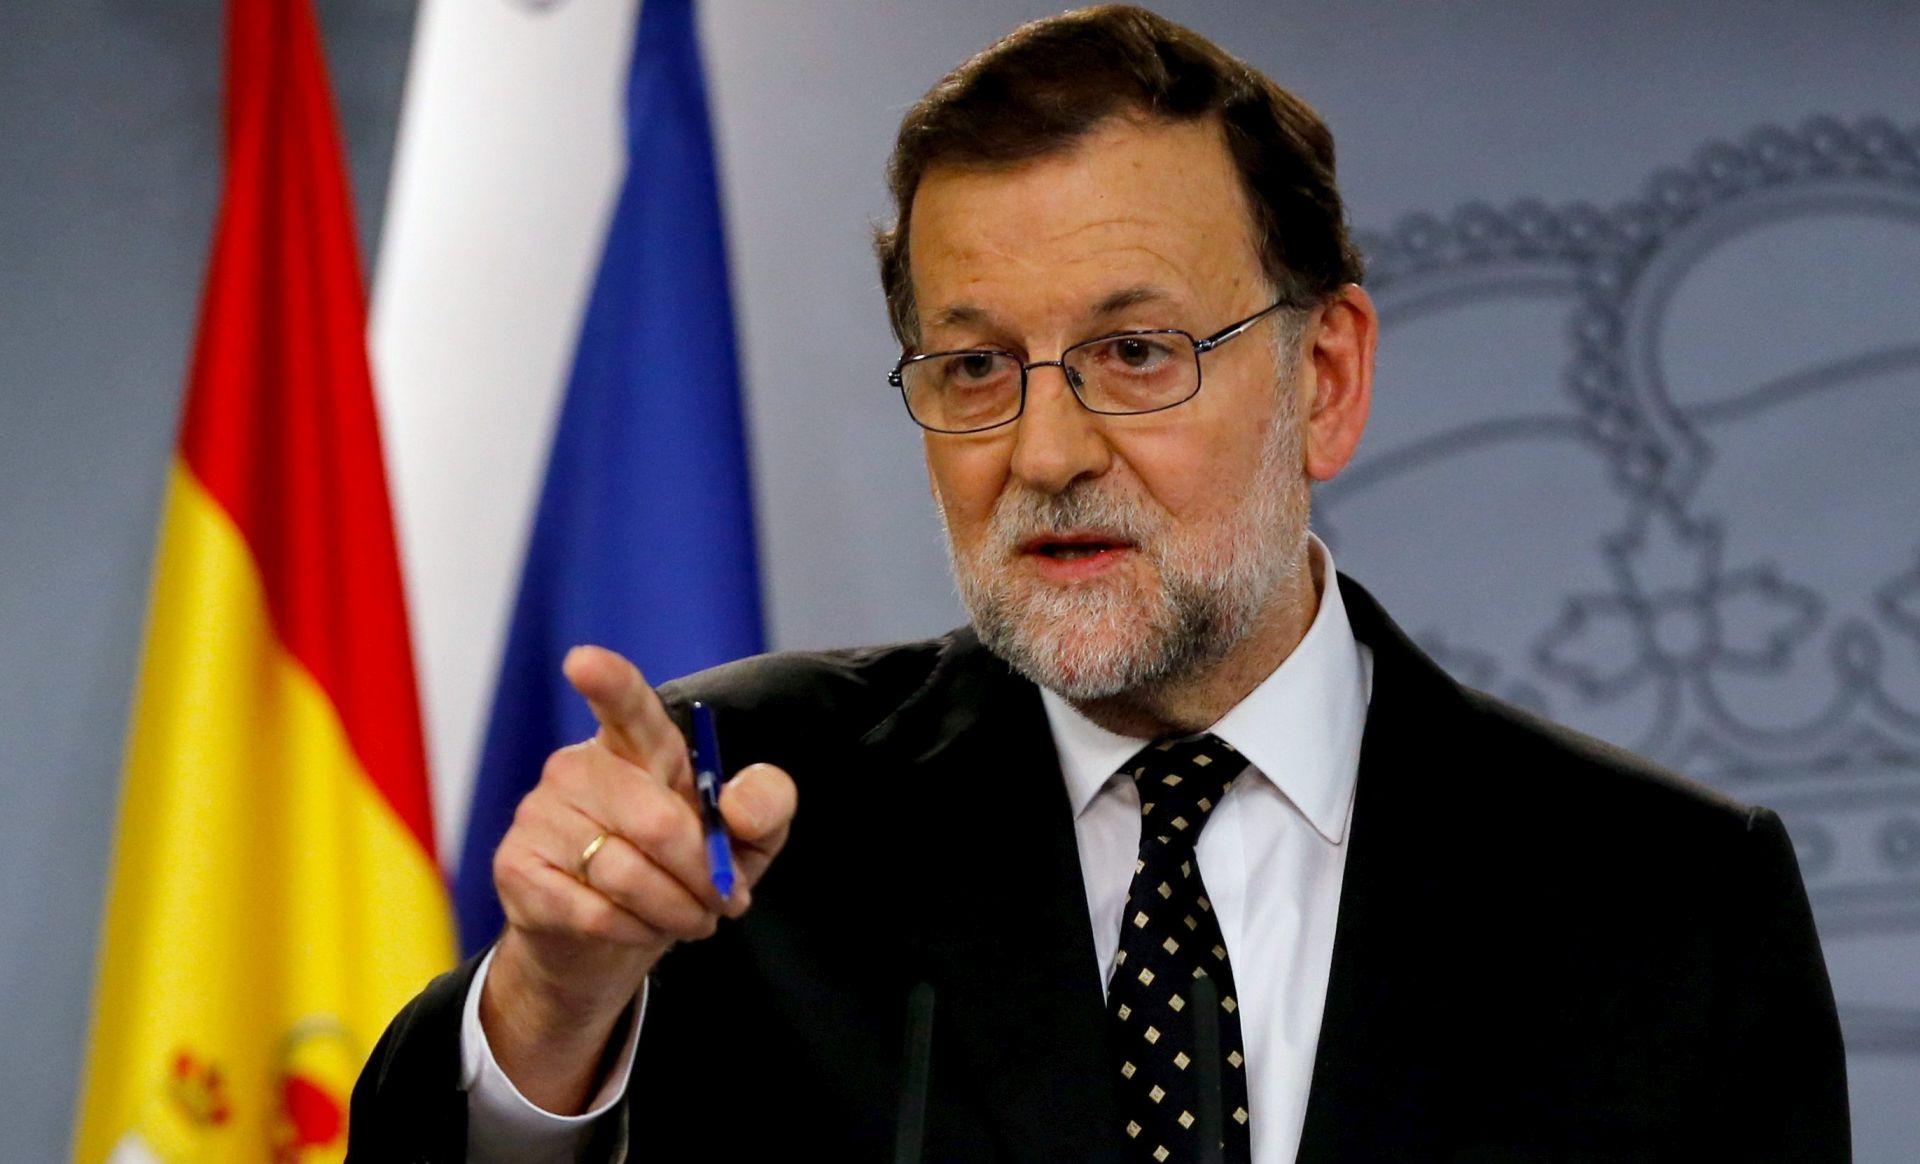 Rajoy: Španjolskom se neće moći vladati postane li Sánchez premijer